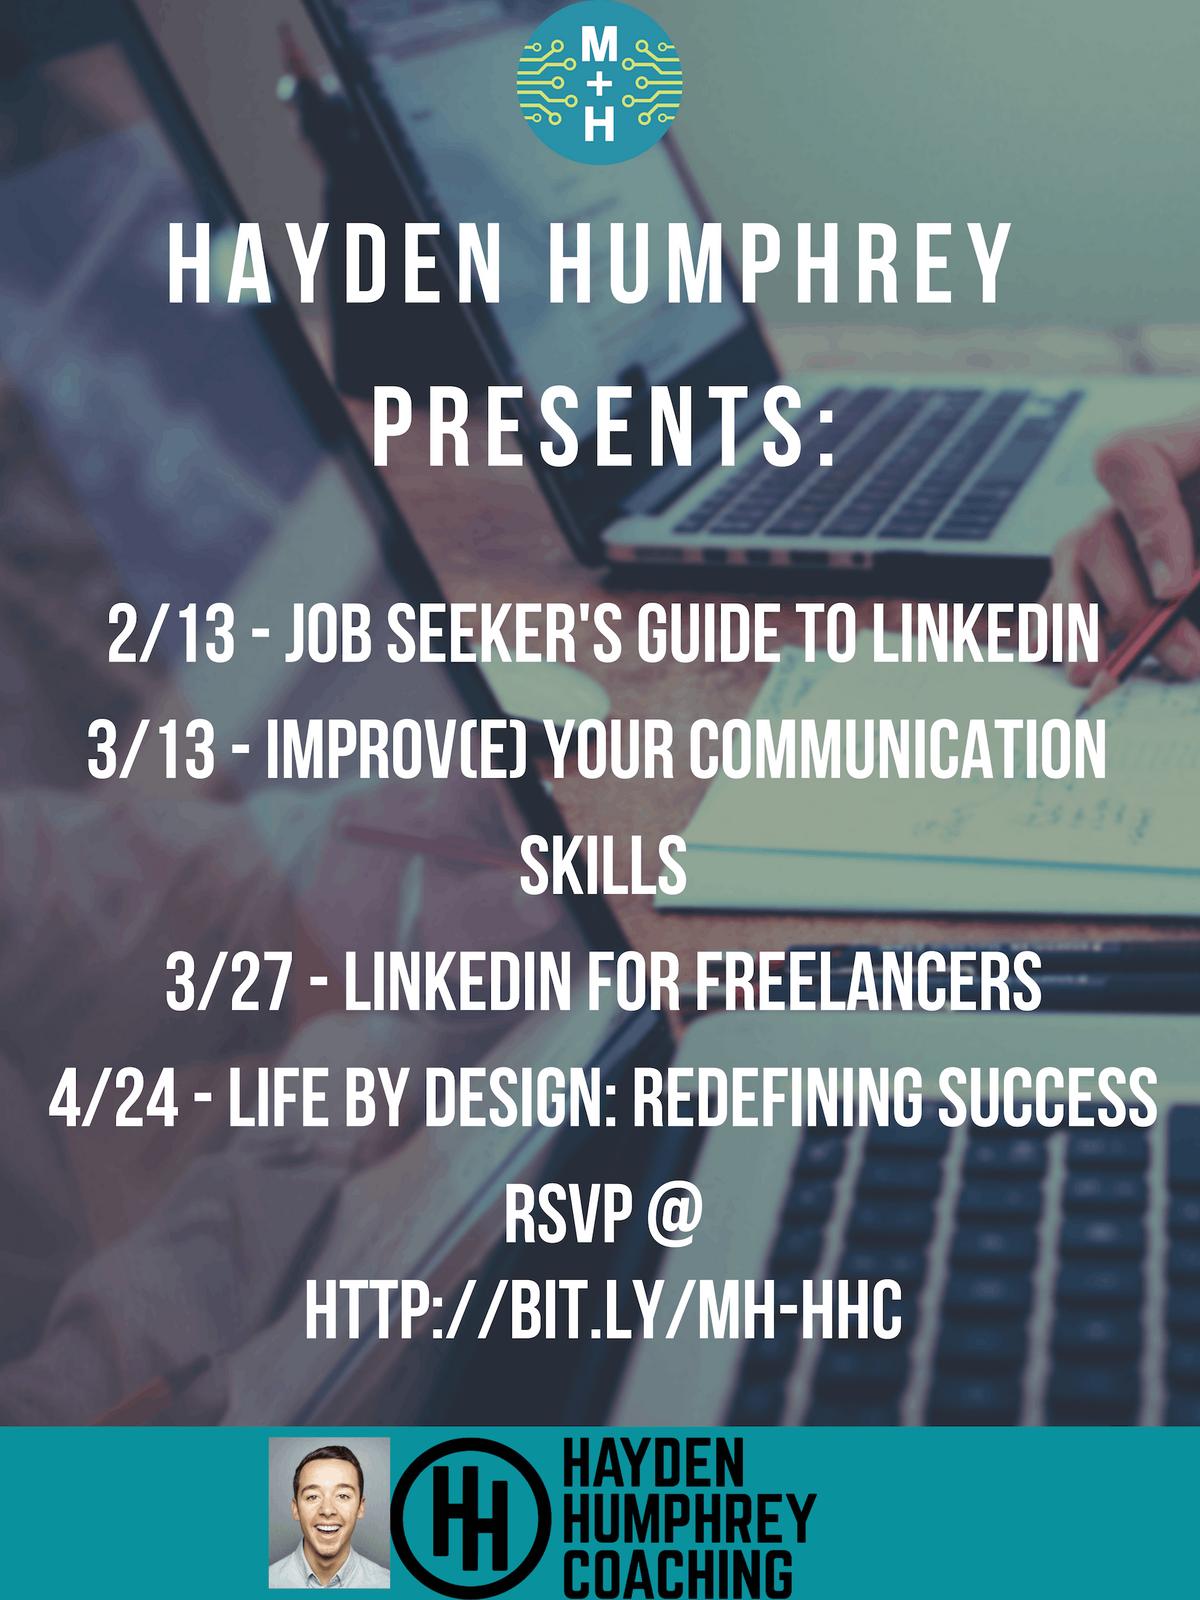 Hayden Humphrey Coaching Presents